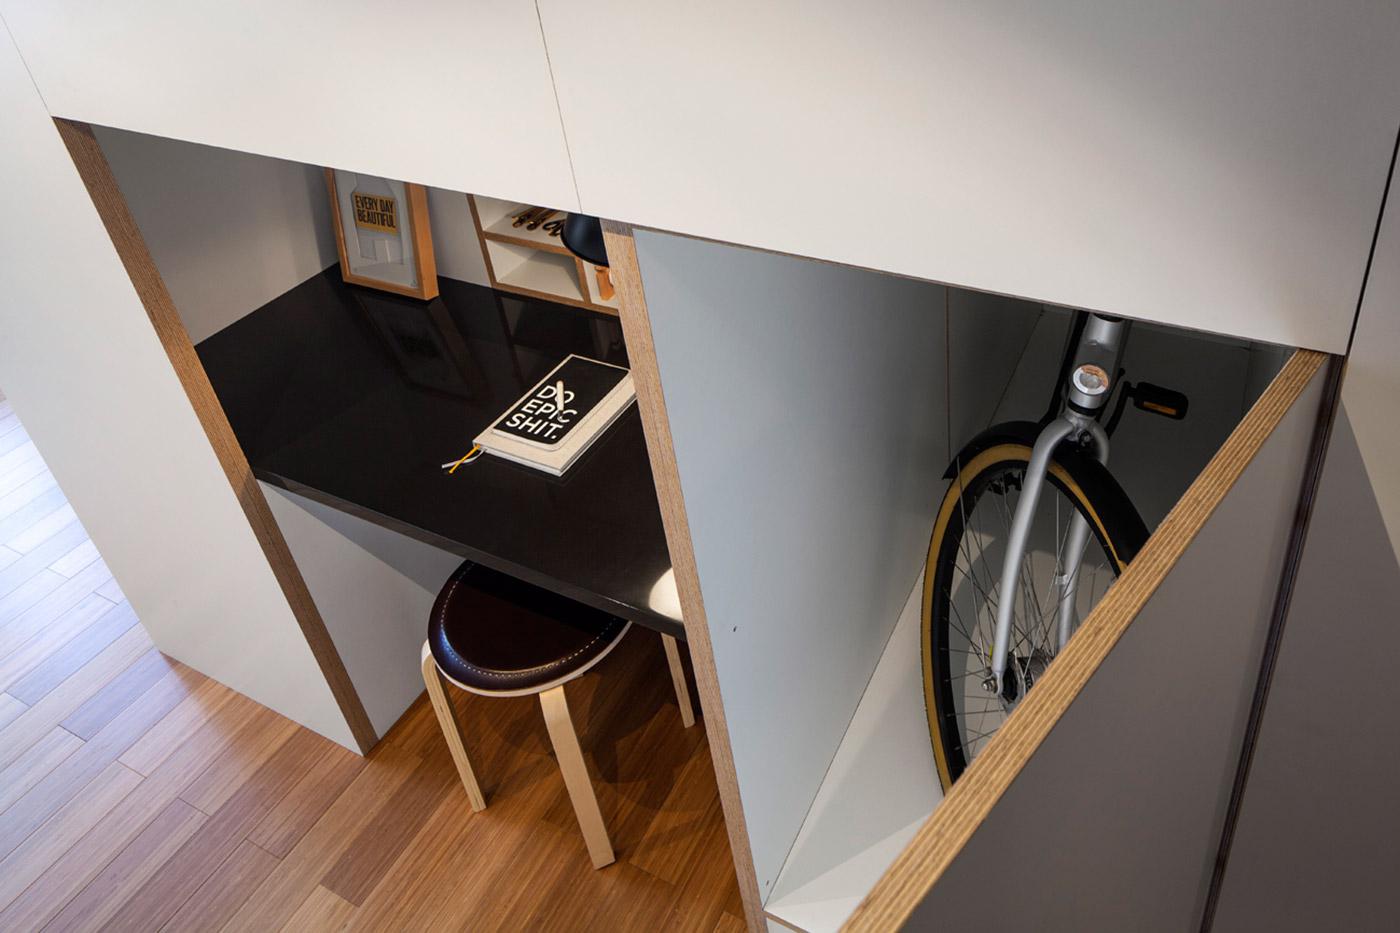 Ящик для хранения велосипеда в квартире-студии